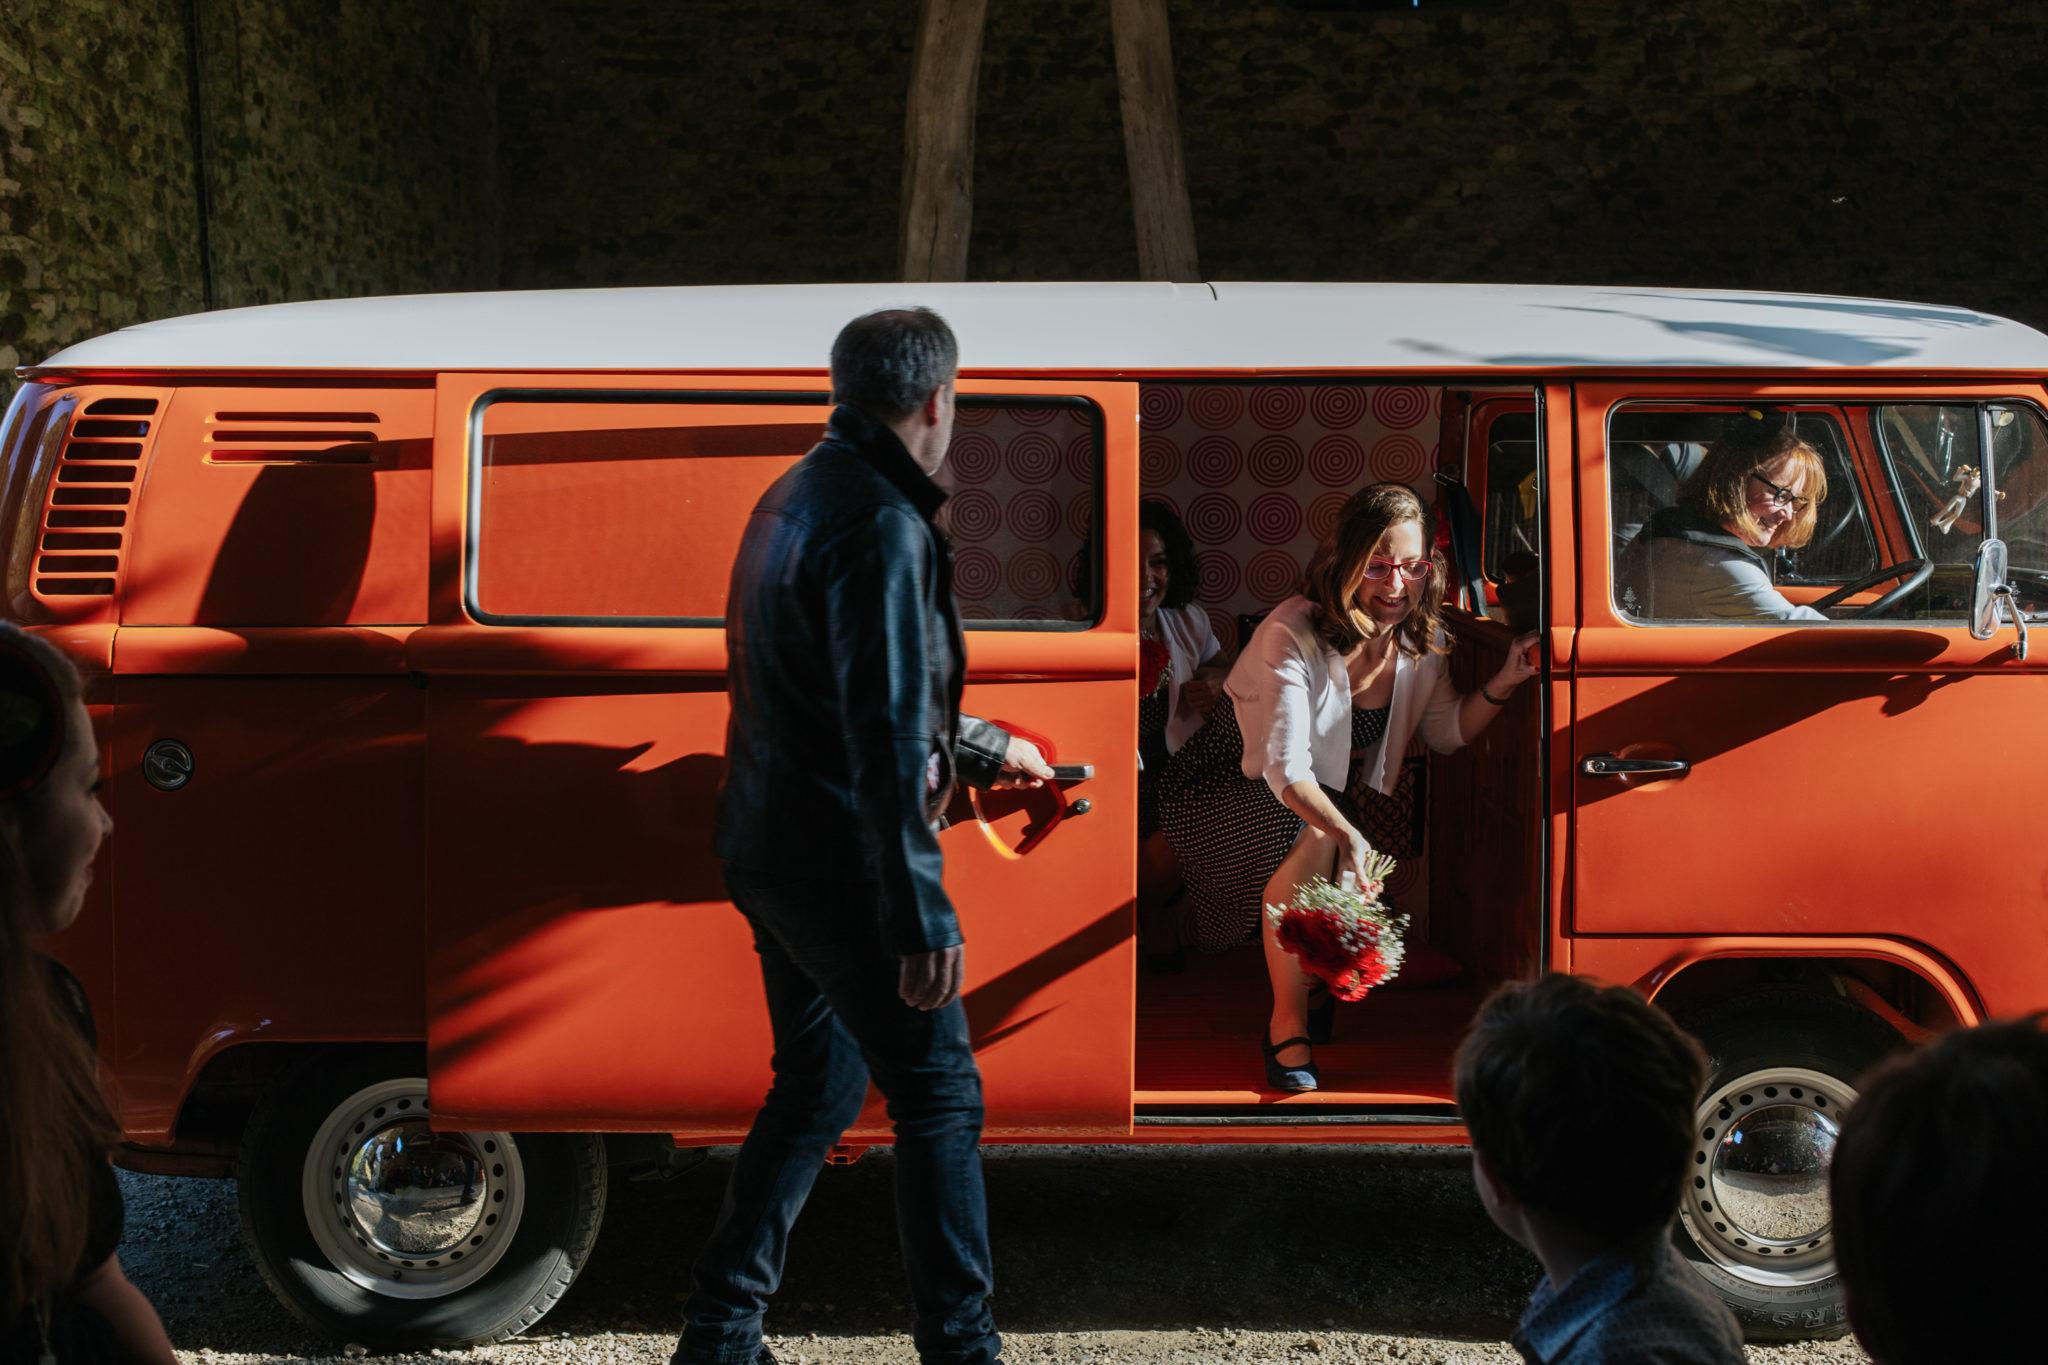 Arrivée témoins cérémonie laïque combi vw volkswagen orange vintage Mariage 50s Domaine Mauvoisin Lommoye